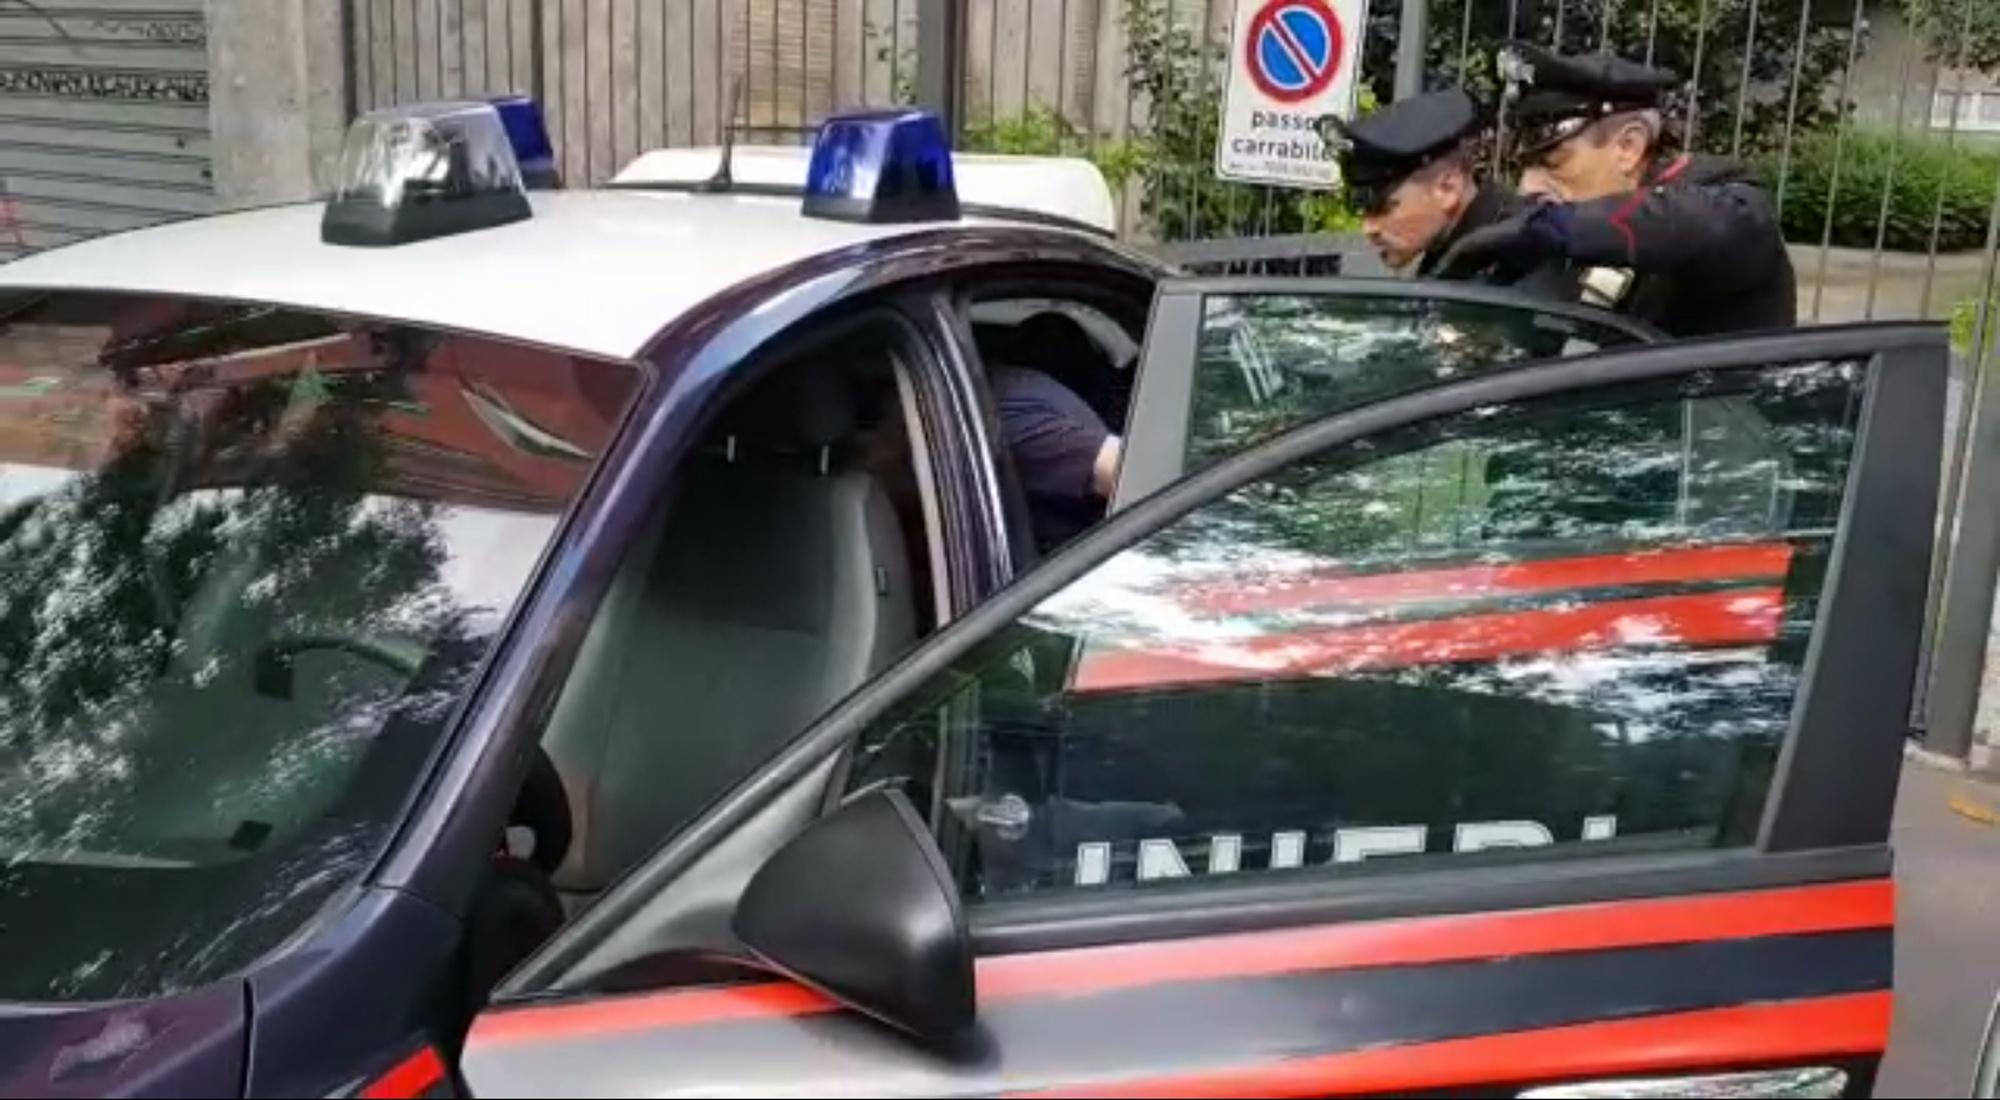 https://www.zerottounonews.it/wp-content/uploads/2018/05/12.05.2018-larresto-del-latitante-hacker-preso-a-milano.jpg